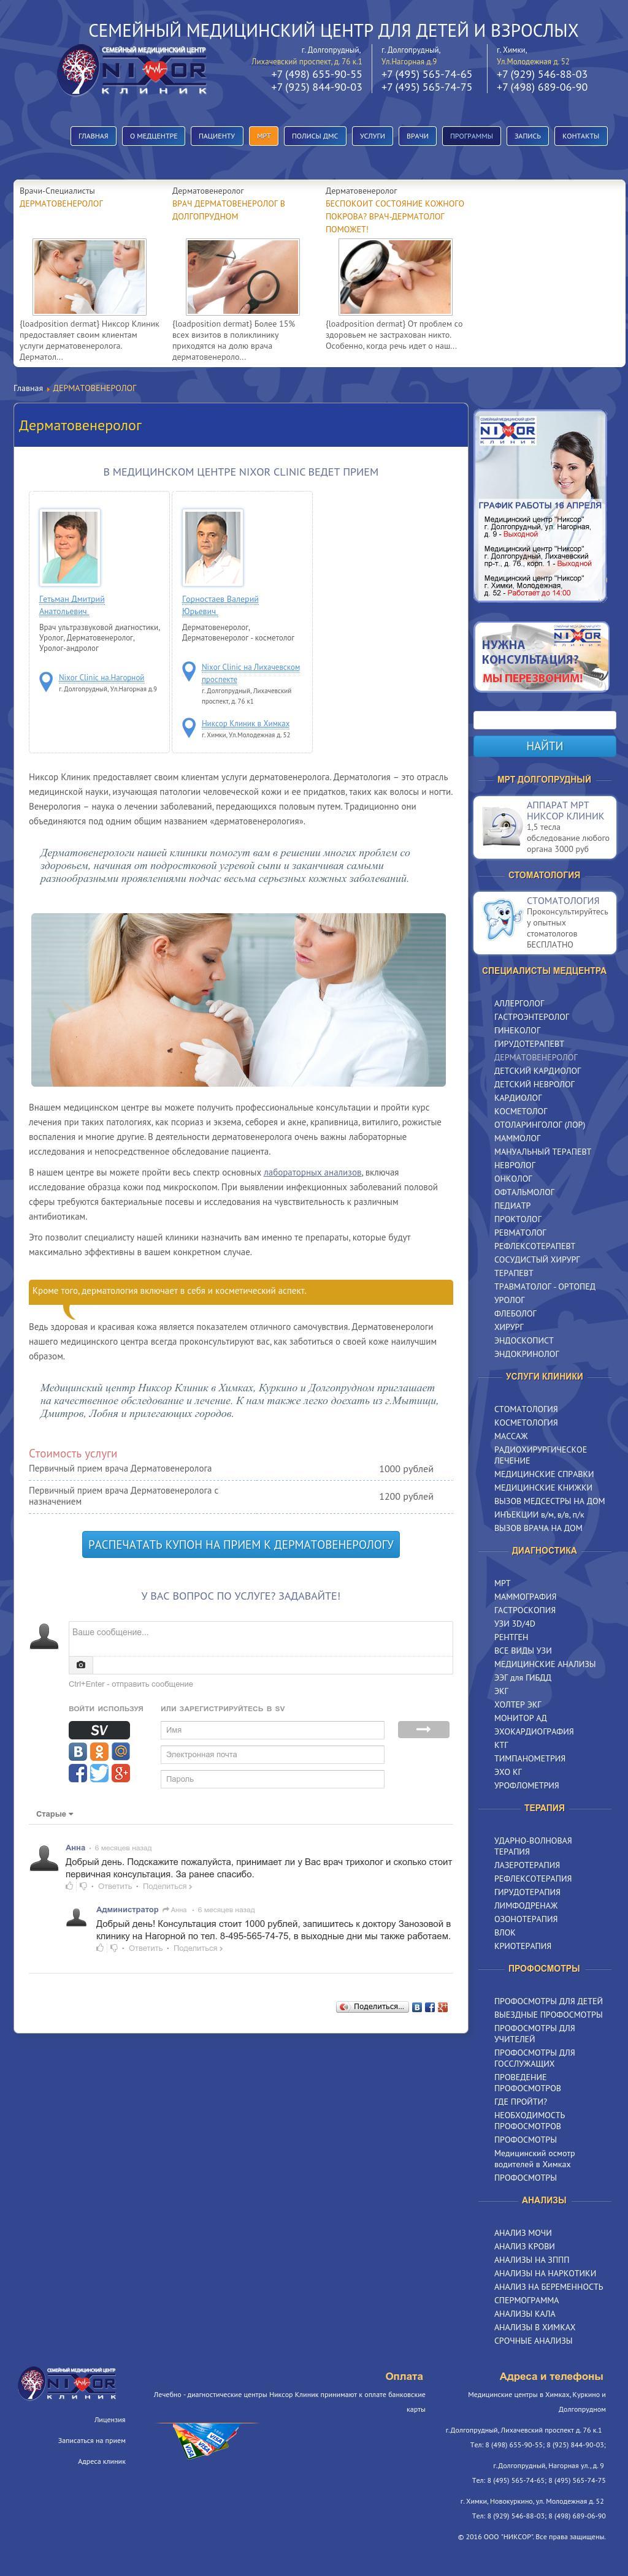 ДЕРМАТОВЕНЕРОЛОГ - Сеть семейных медицинских центров Никсор Клиник